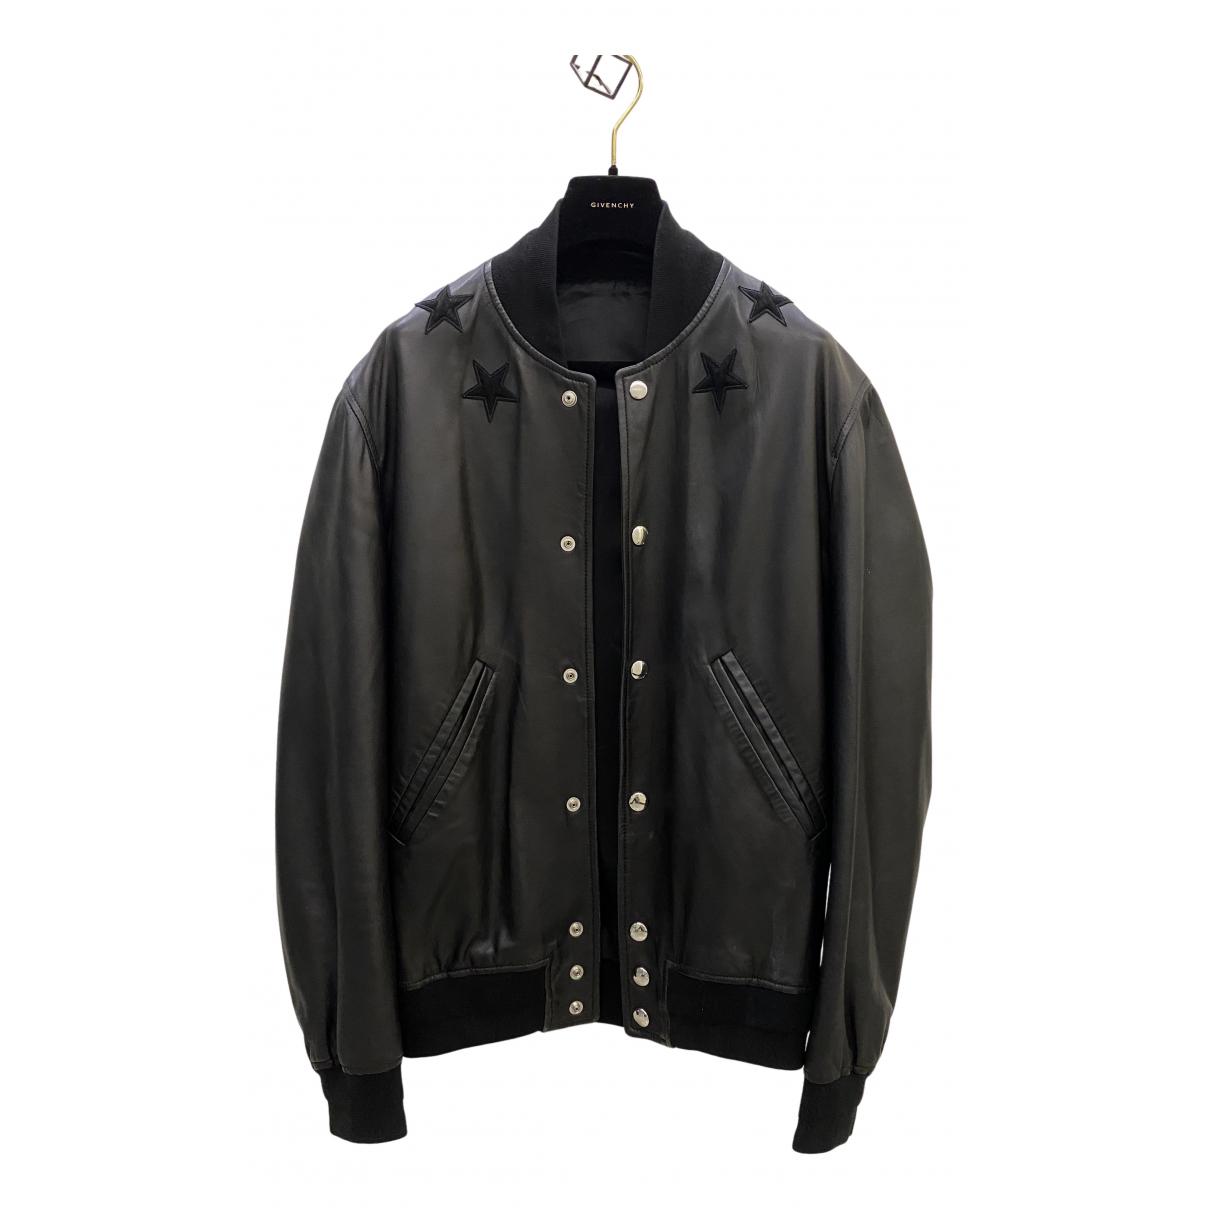 Givenchy - Vestes.Blousons   pour homme en cuir - noir